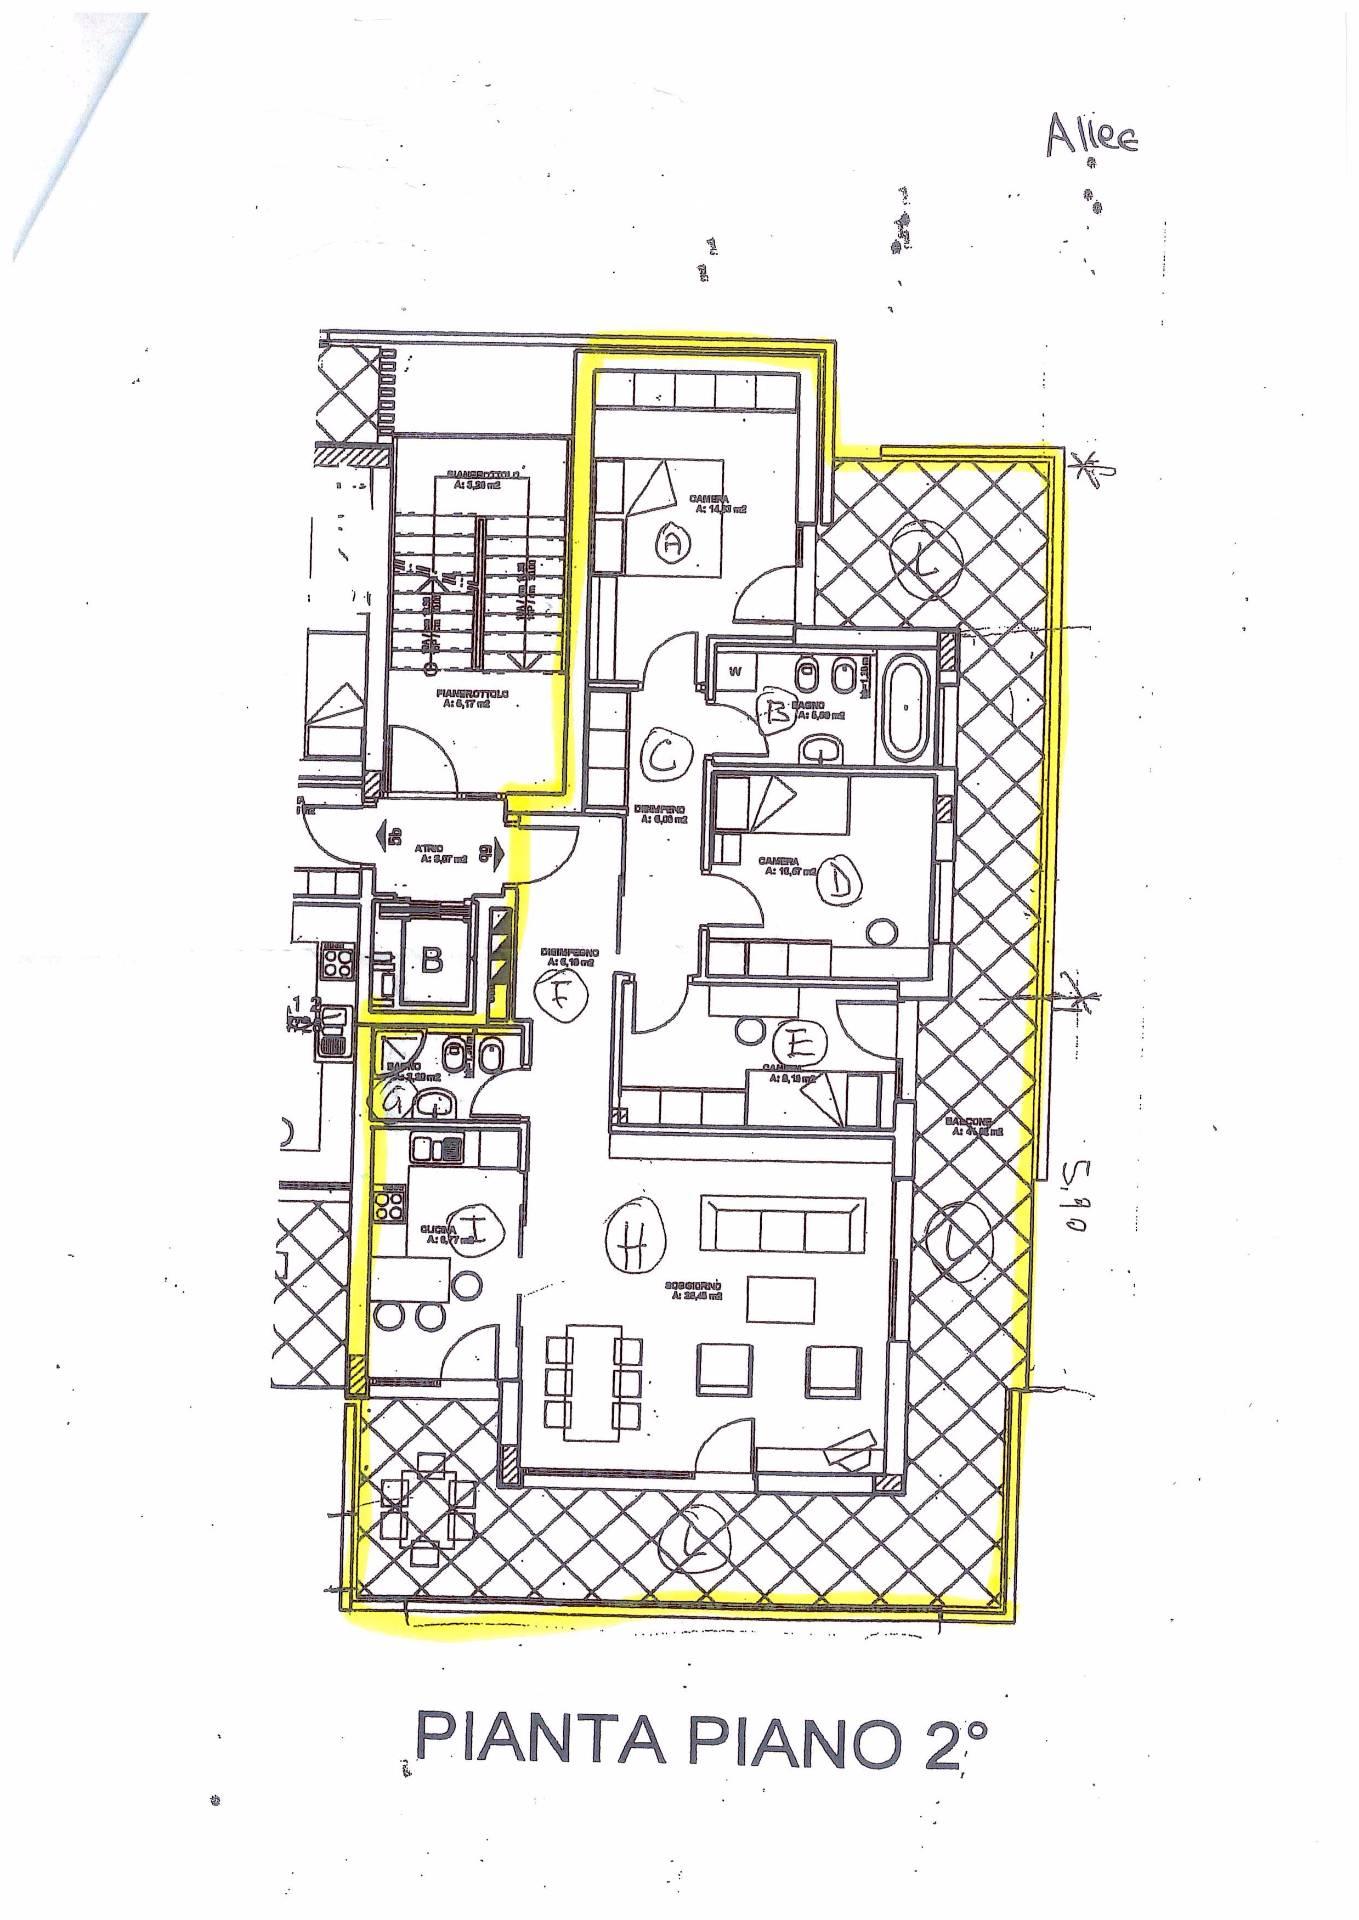 Appartamento in affitto a Bolzano, 5 locali, zona Zona: Residenziale, prezzo € 1.400 | CambioCasa.it